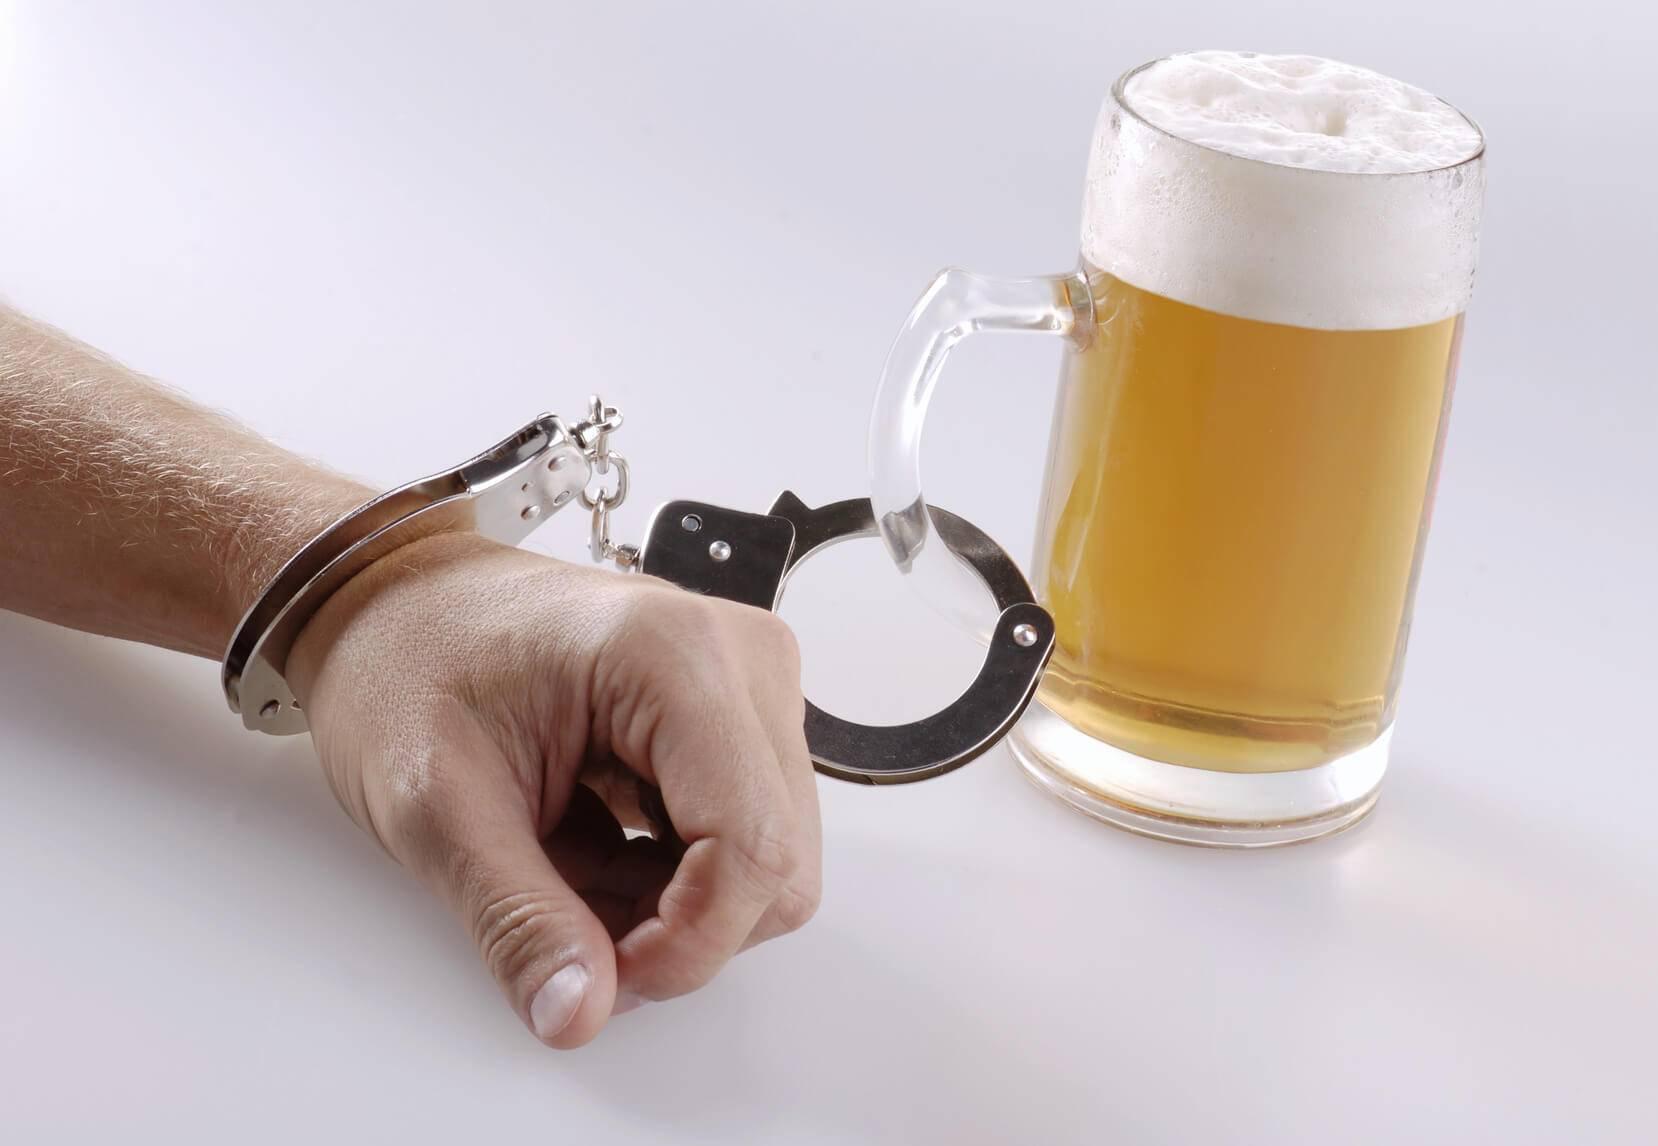 Лечение пивного алкоголизма: методы и народные средства, чтобы бросить пить